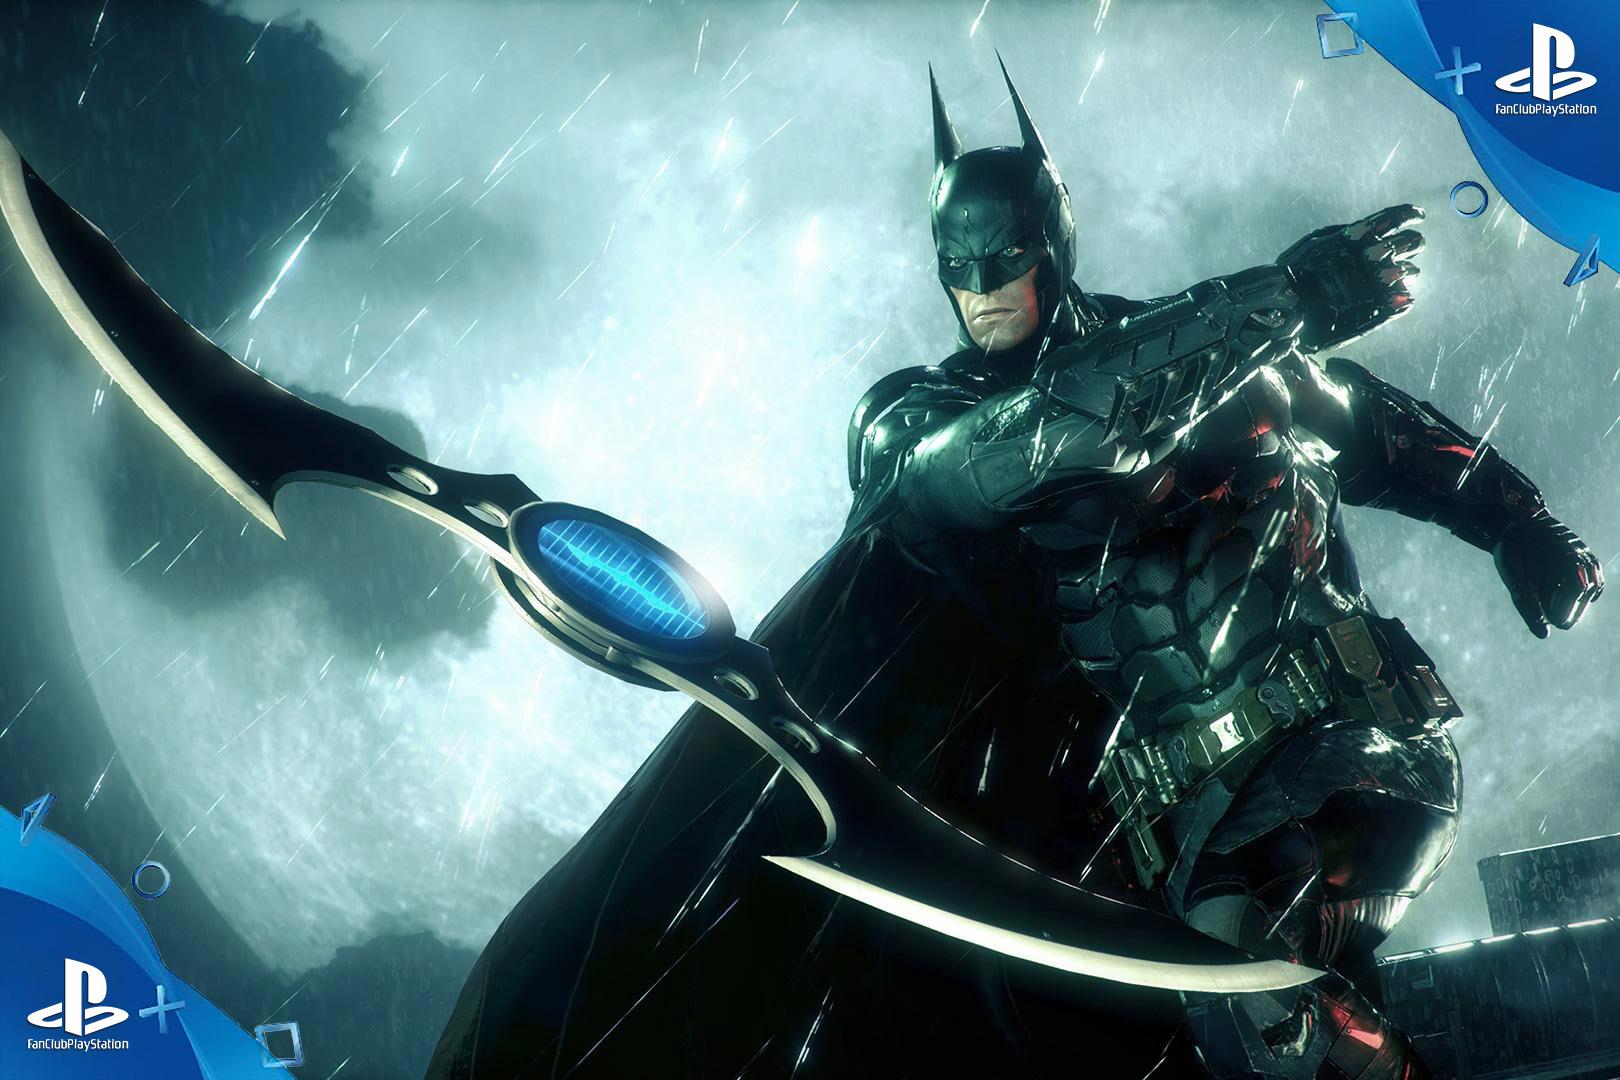 batman-arkham-knight-jeu-video-images copy